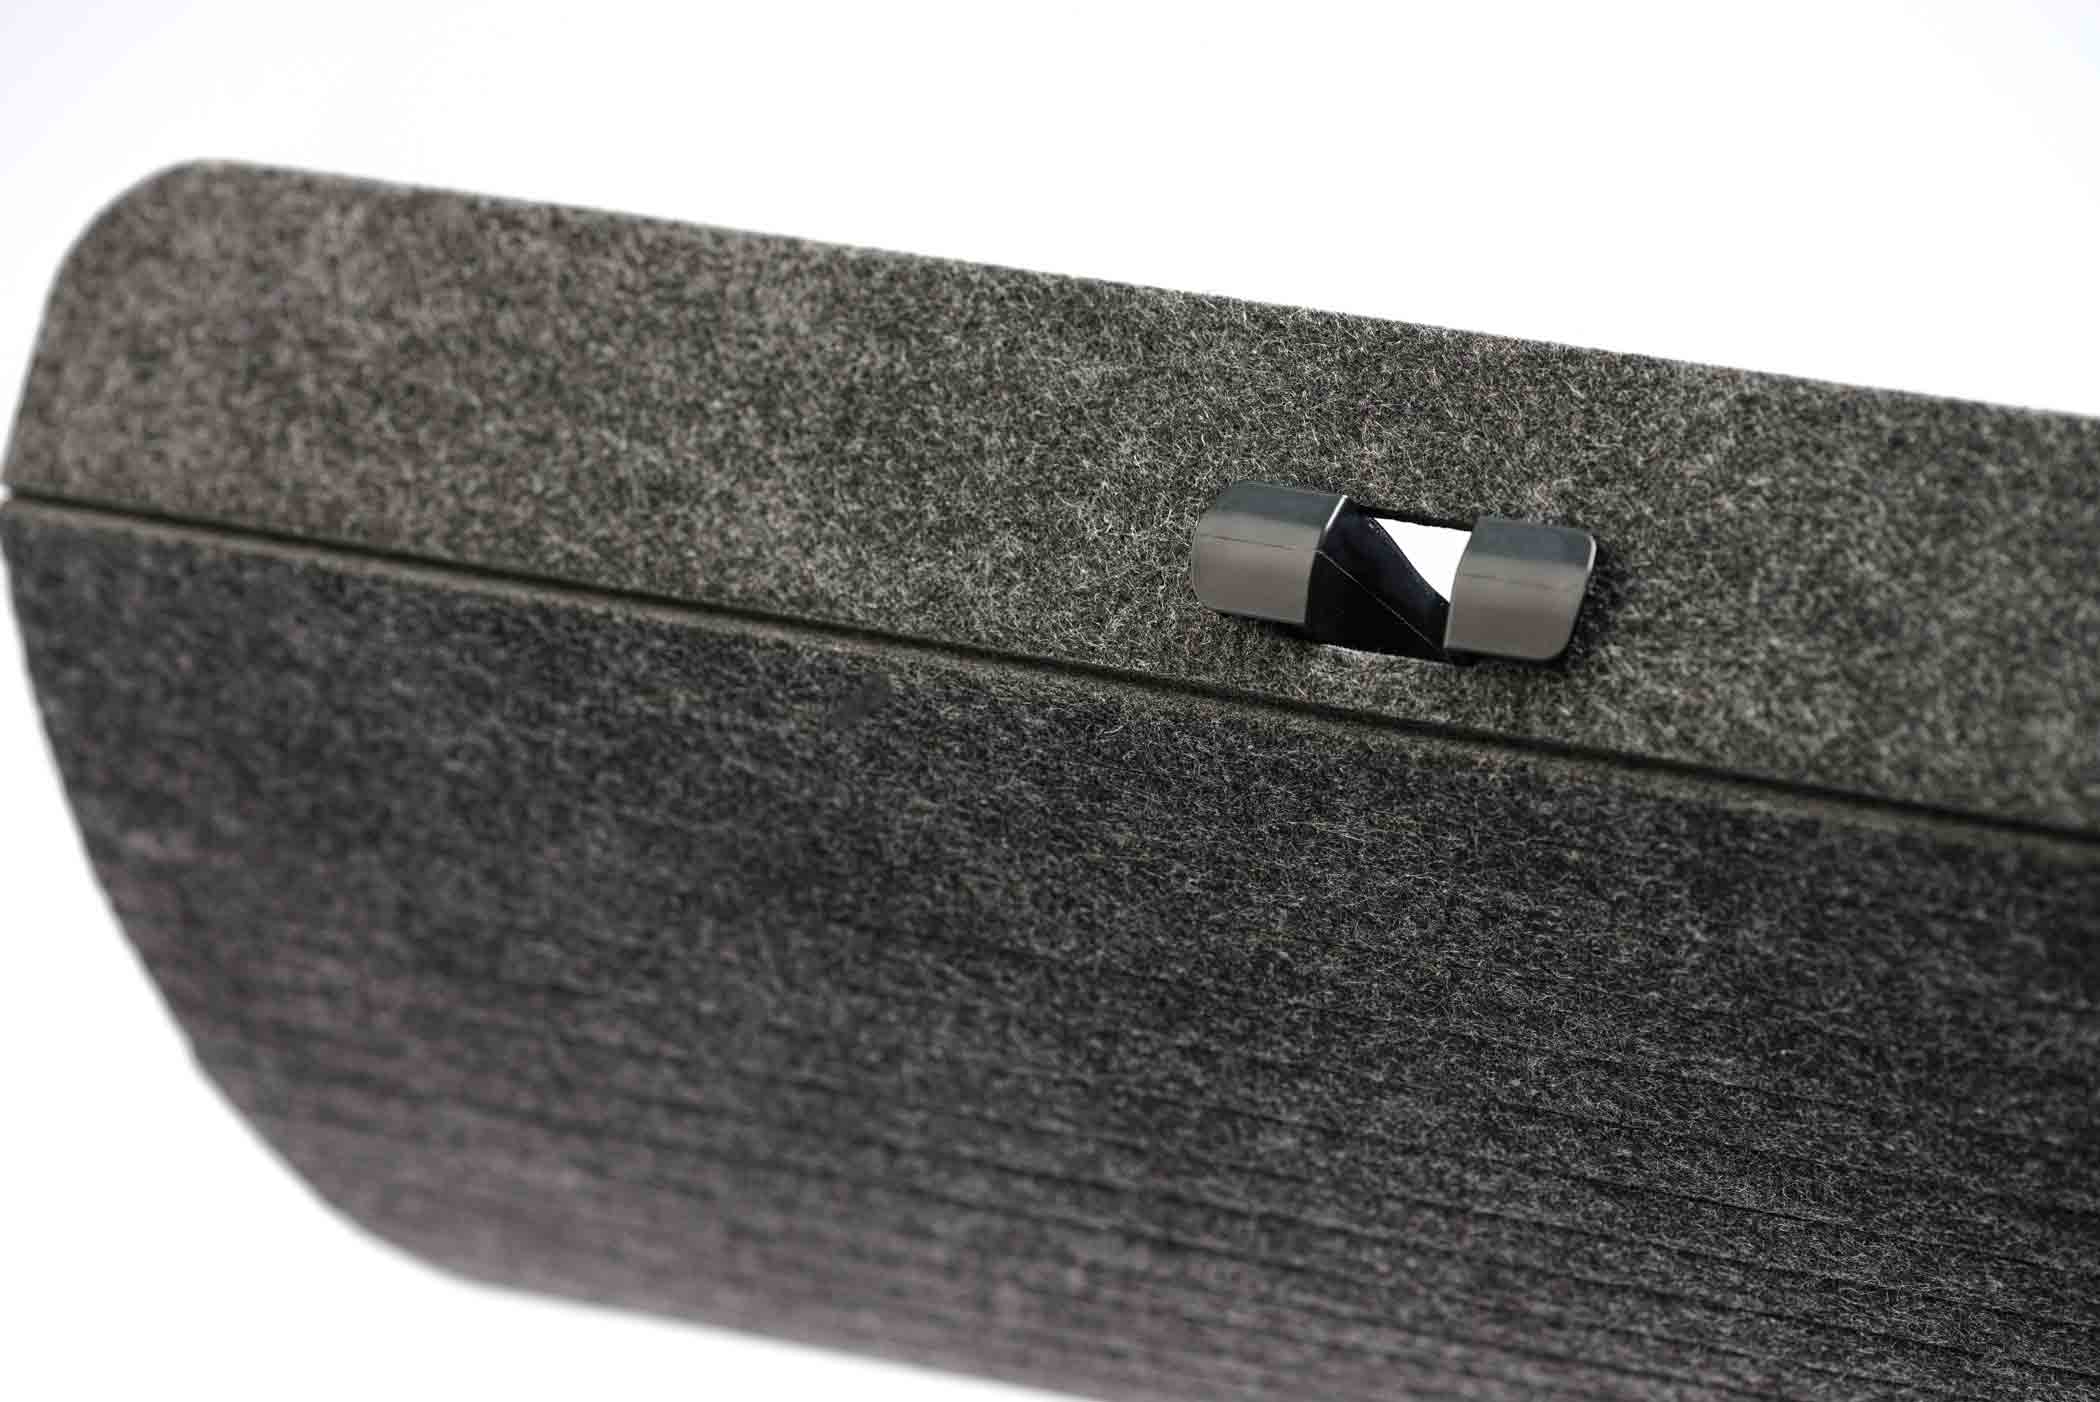 Das Material Filz ermöglicht die maximale Flexibilität und Anpassbarkeit des Cable Management.